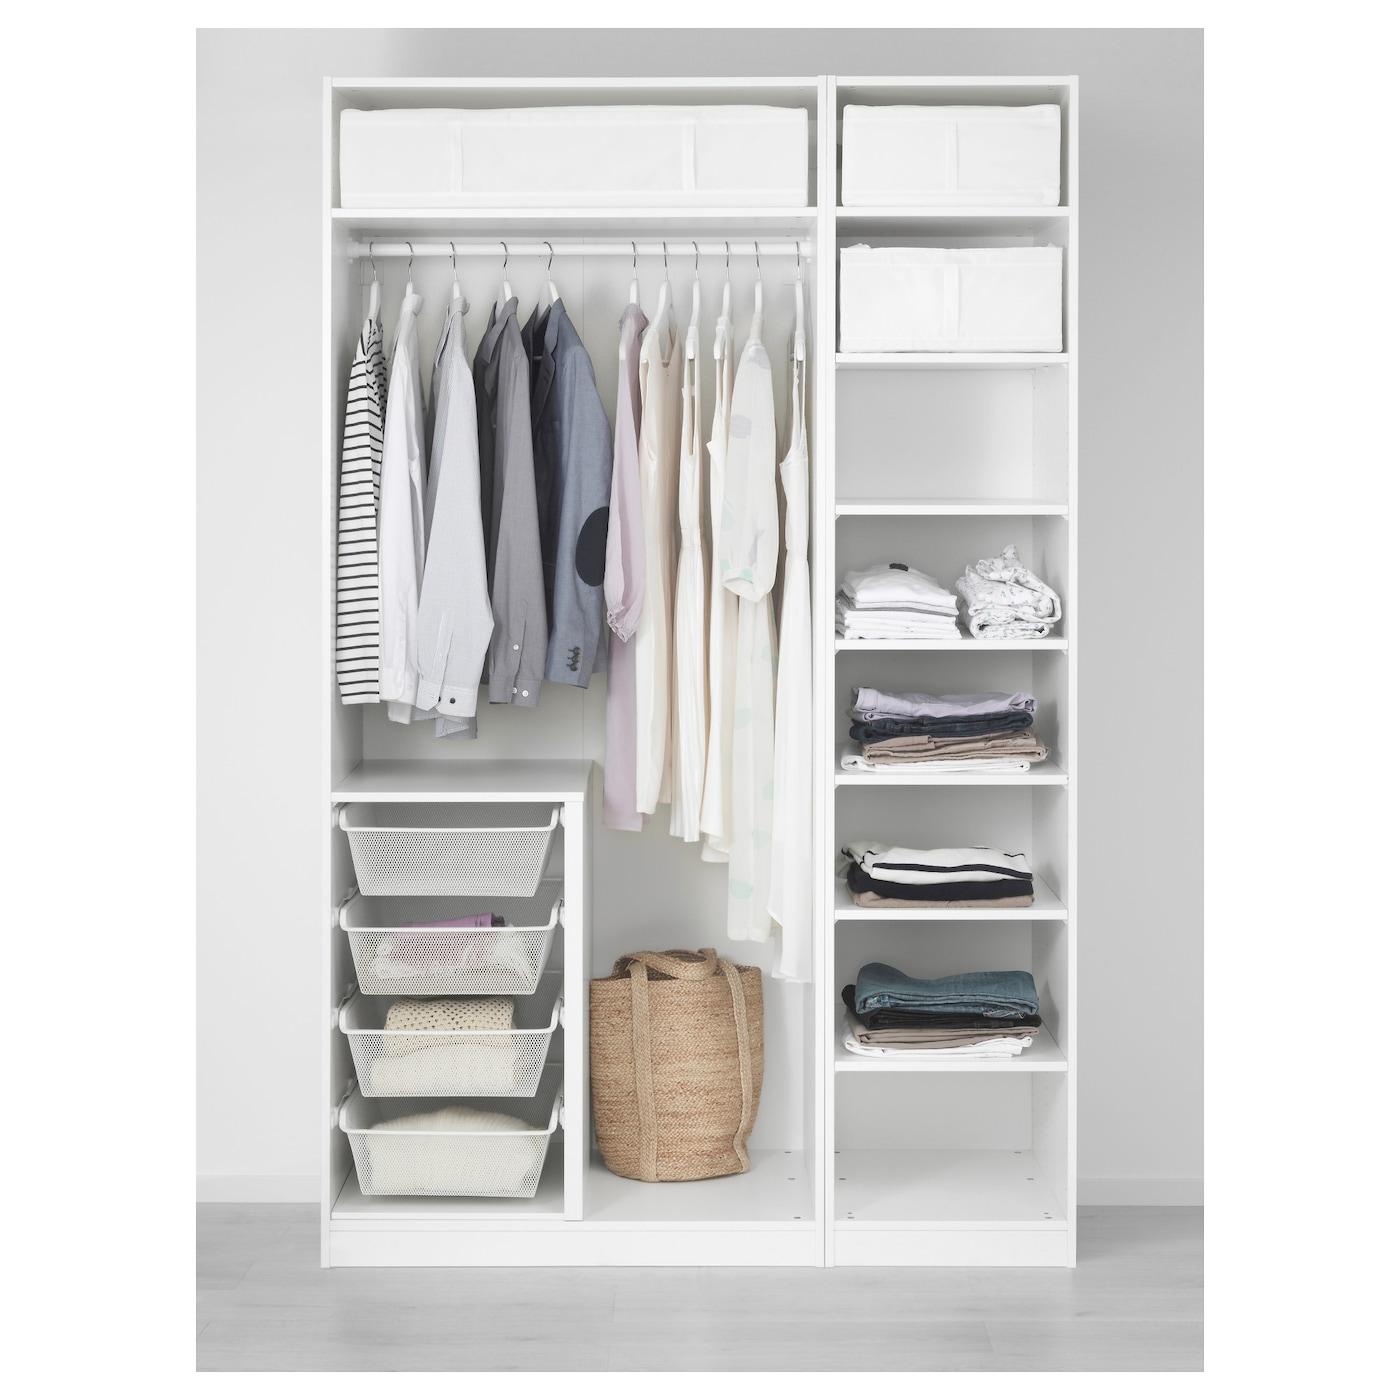 PAX Kleiderschrank - 175x58x236 cm - IKEA